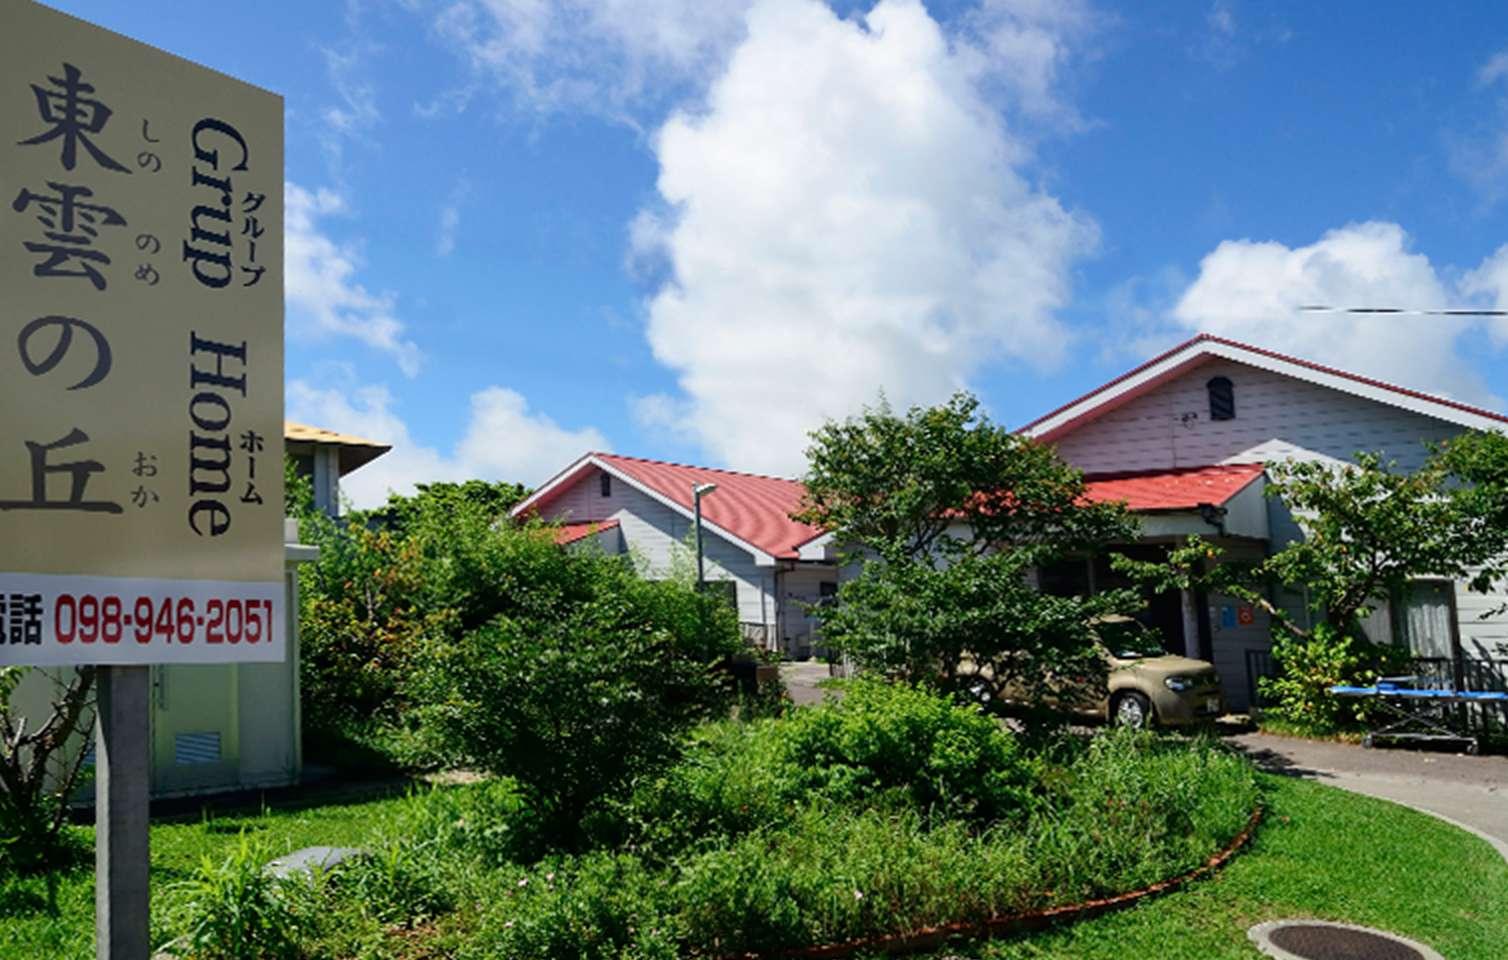 沖縄で先駆けとなったグループホーム